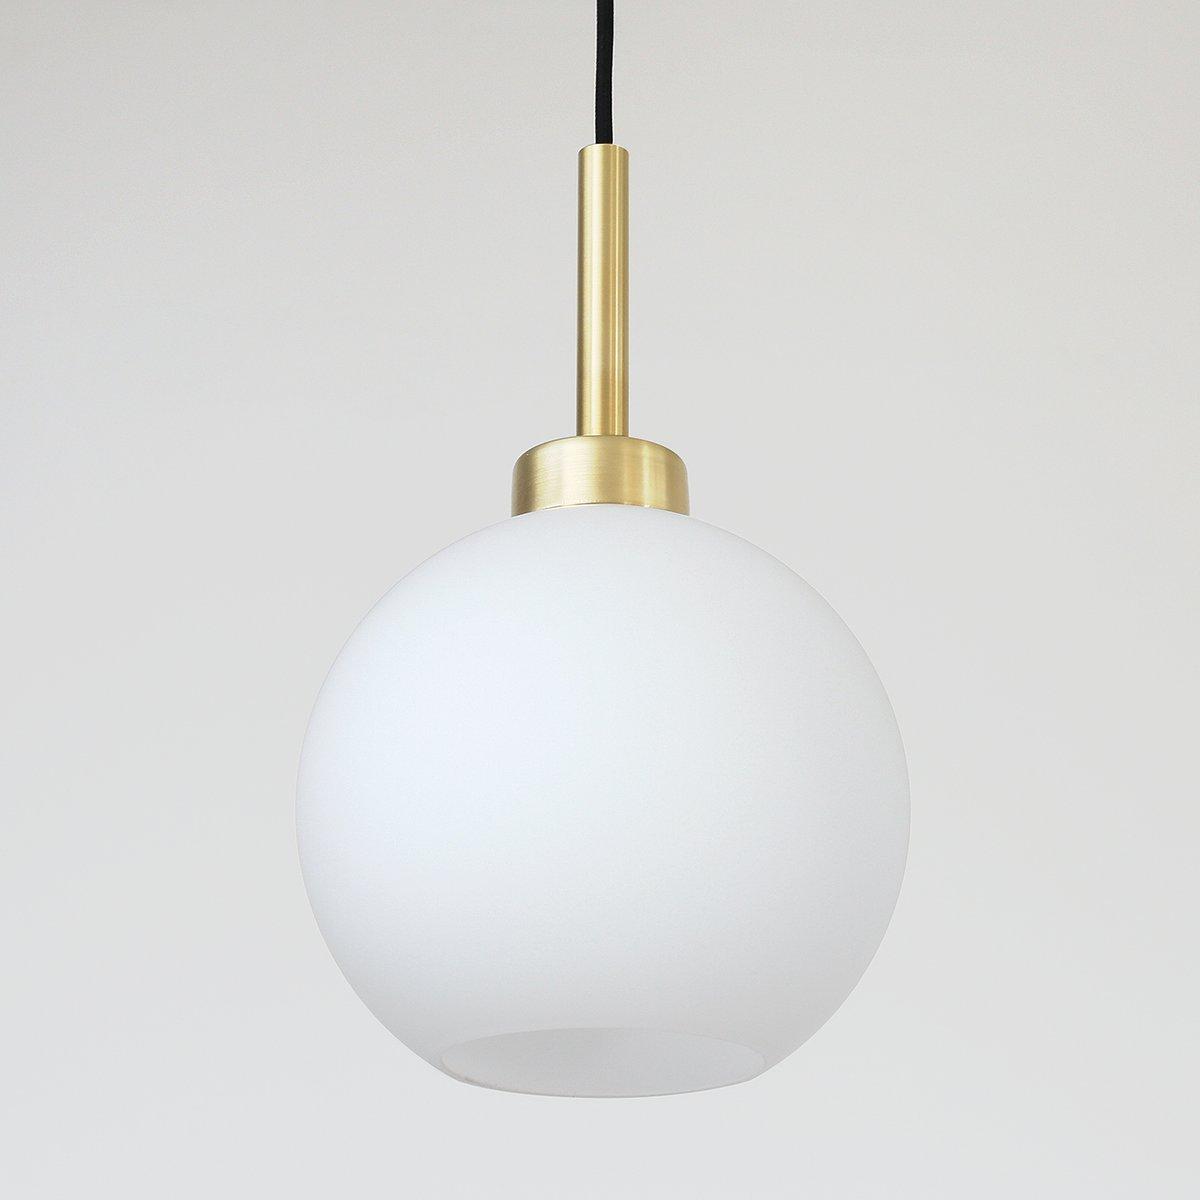 Einfache Hängeleuchte mit Glaskugel im modernen Stil von Balance Lamp